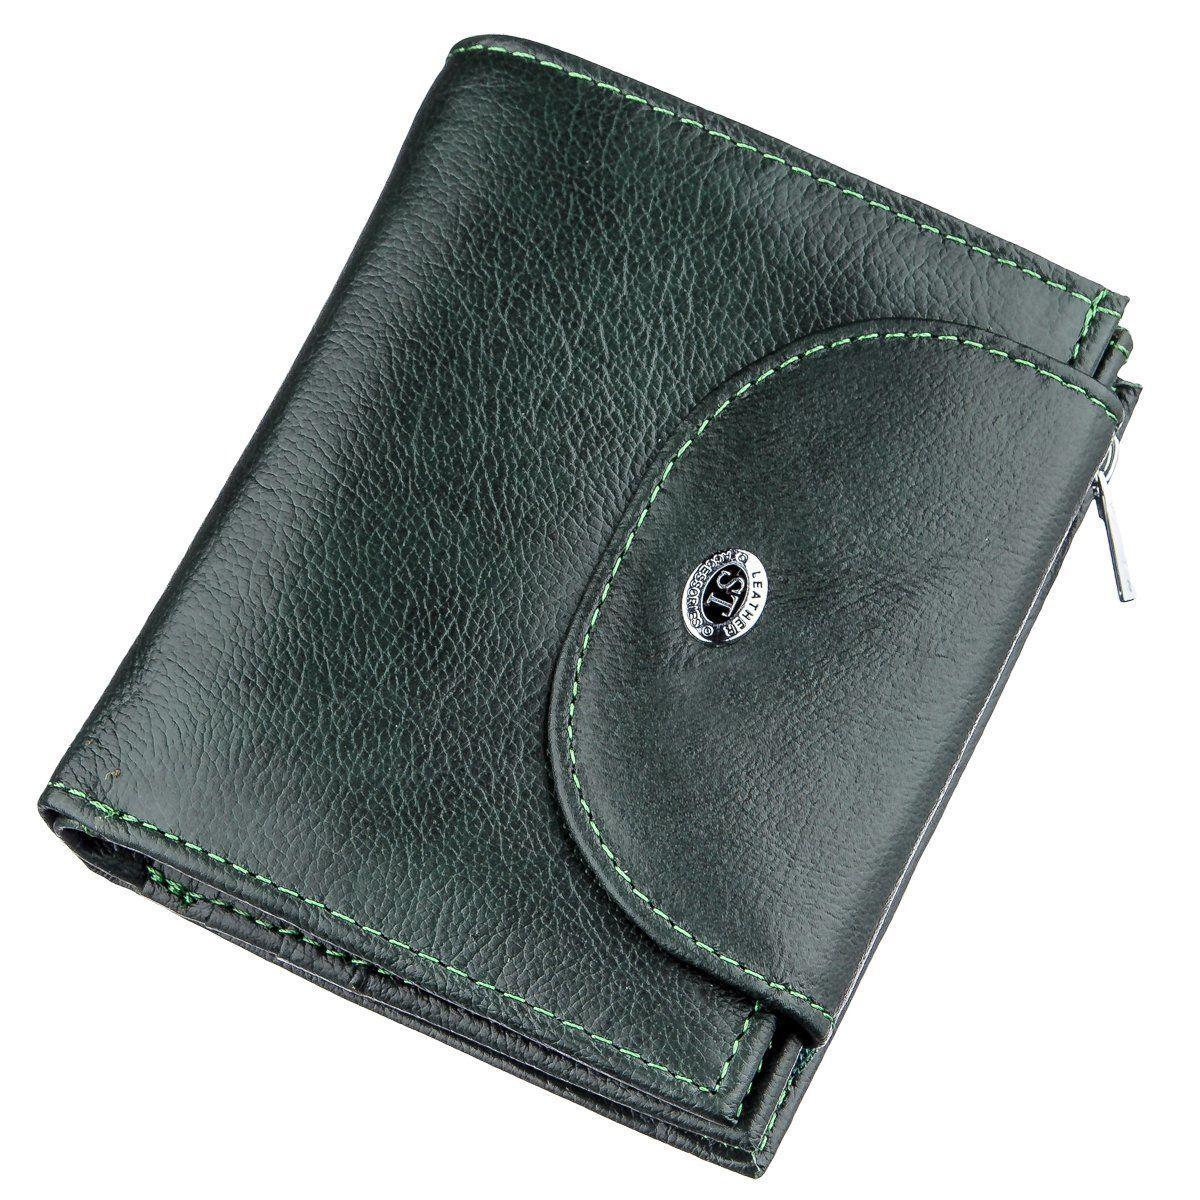 Гаманець жіночий шкіряний ST Leather 18958 Зелений